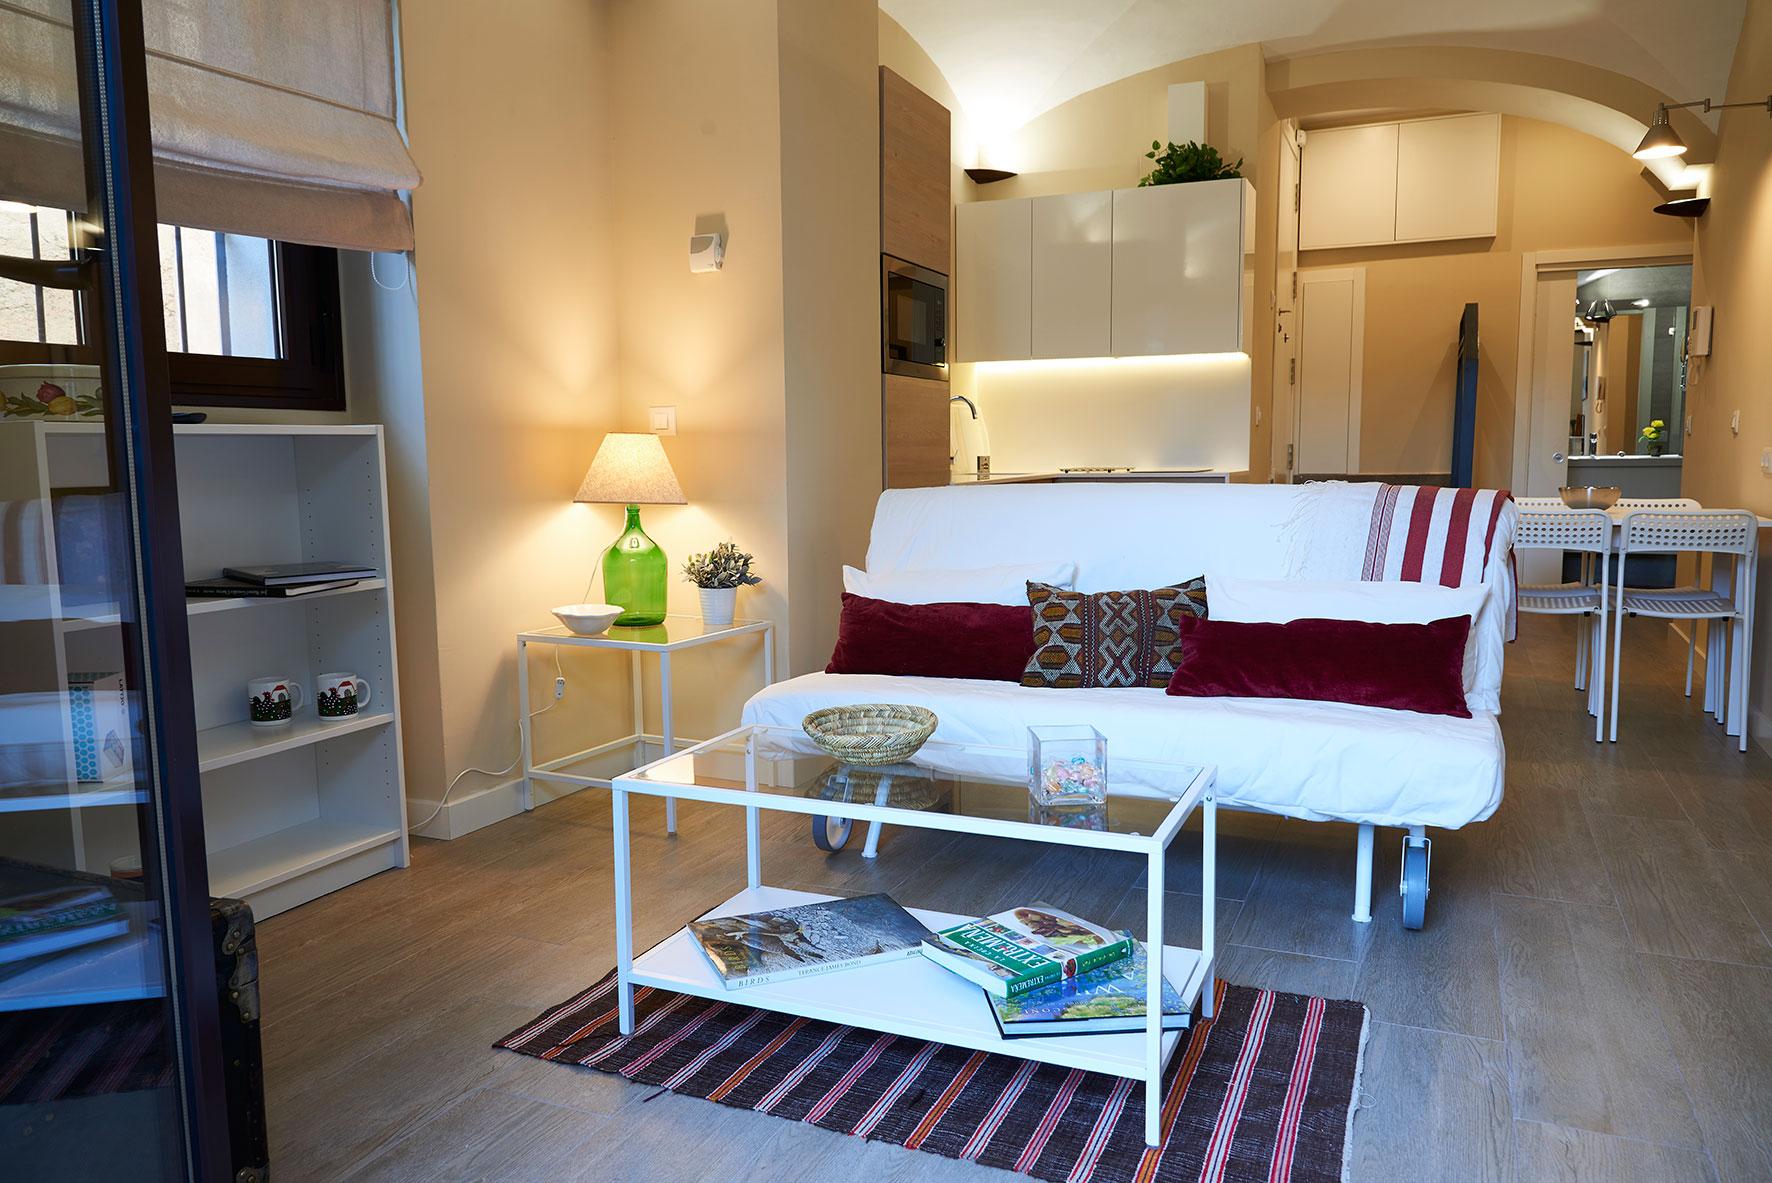 Productos apartamentos san pablo en c ceres - Apartamentos san pablo ecija ...